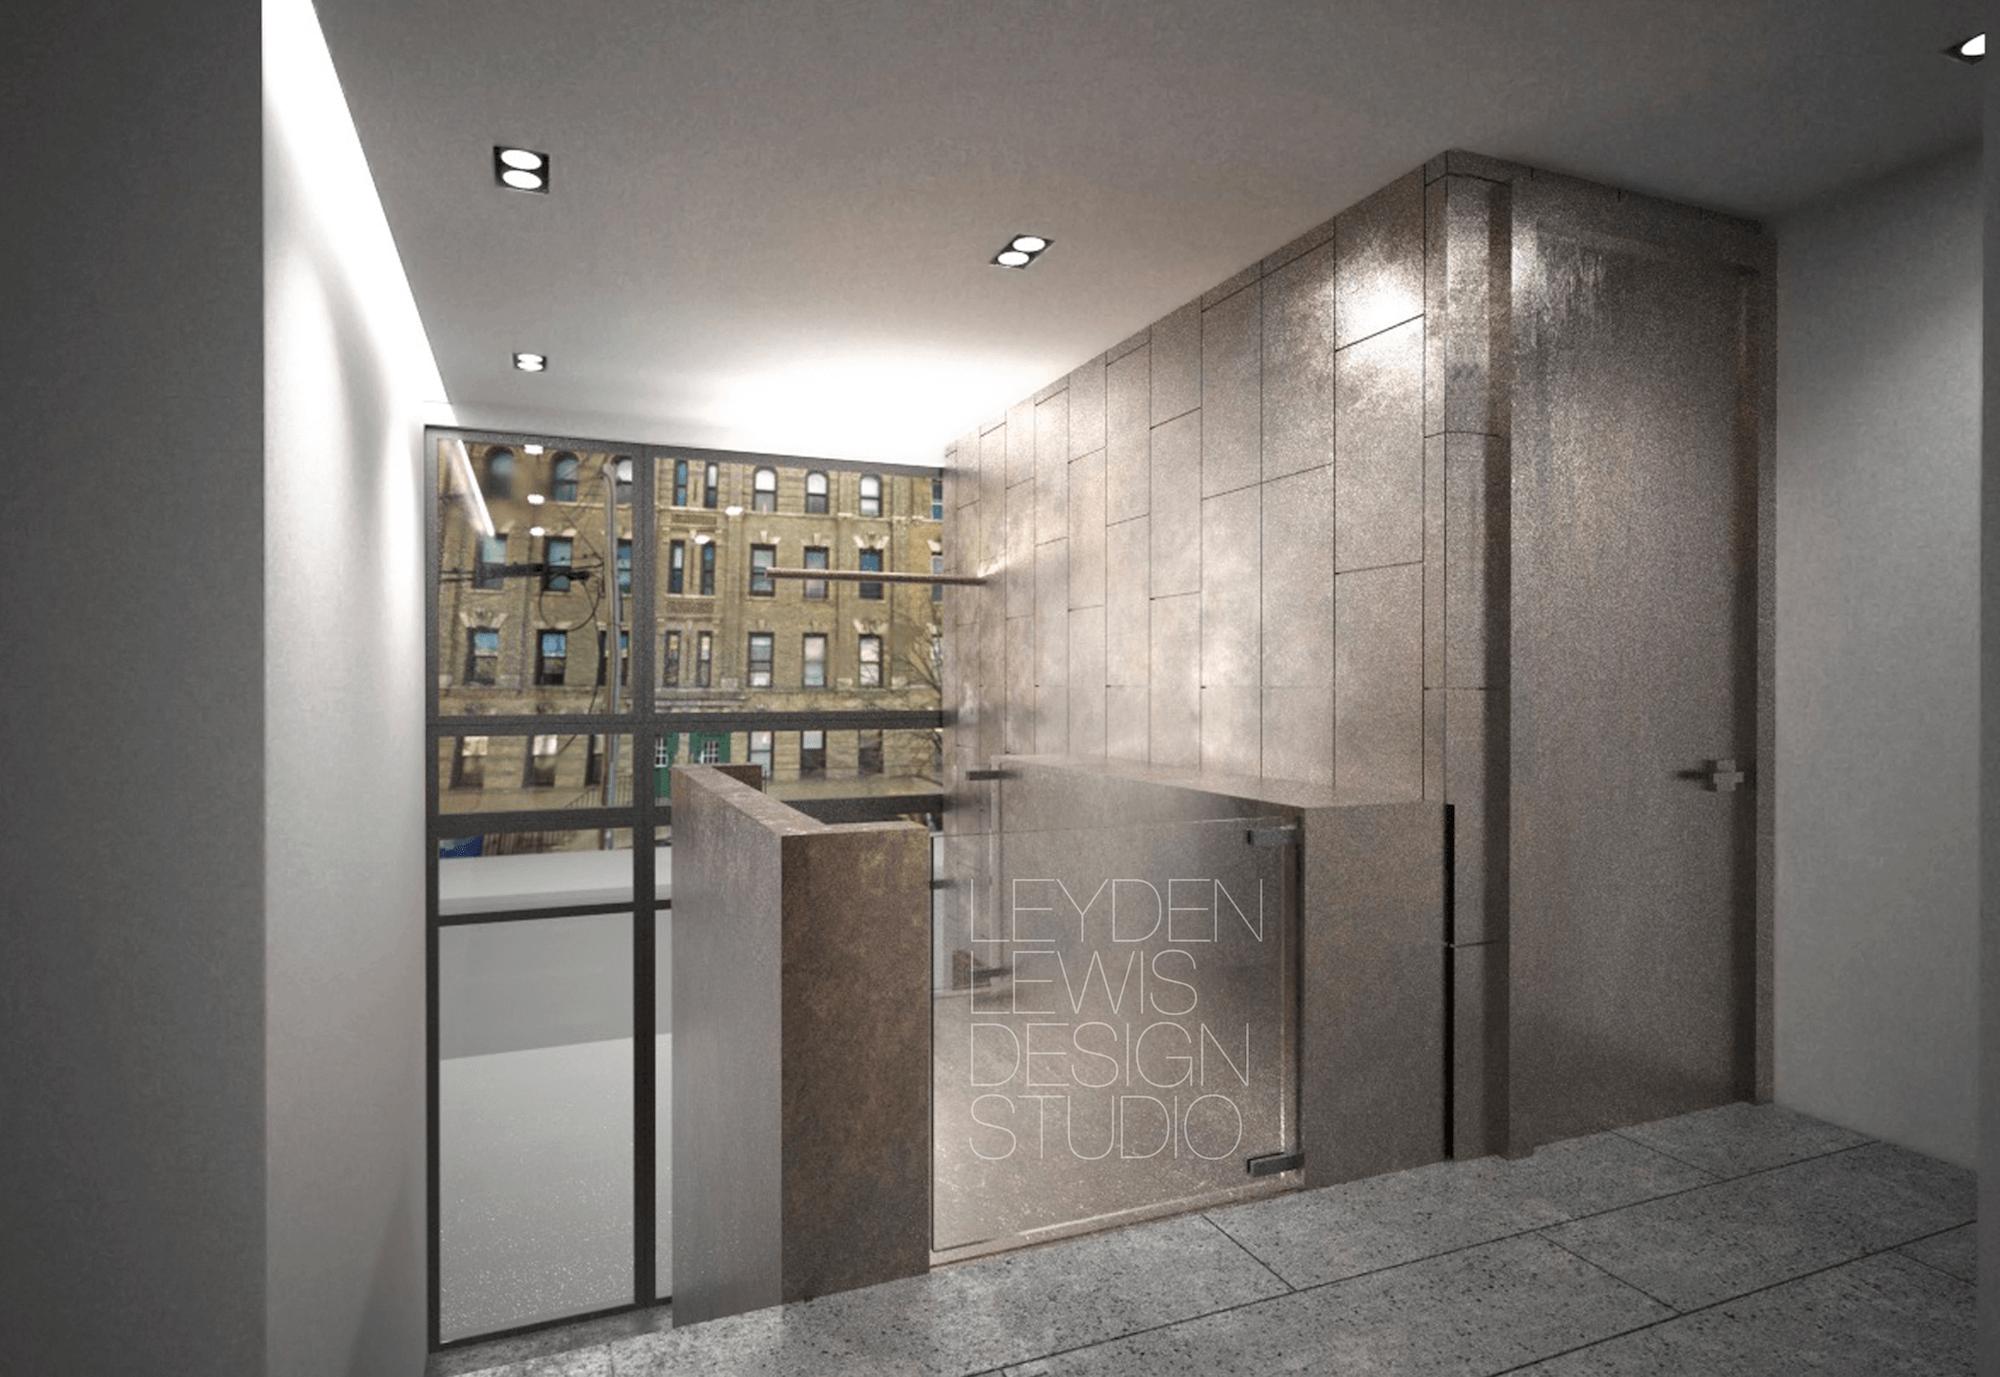 Sneak Peak of Interior Design